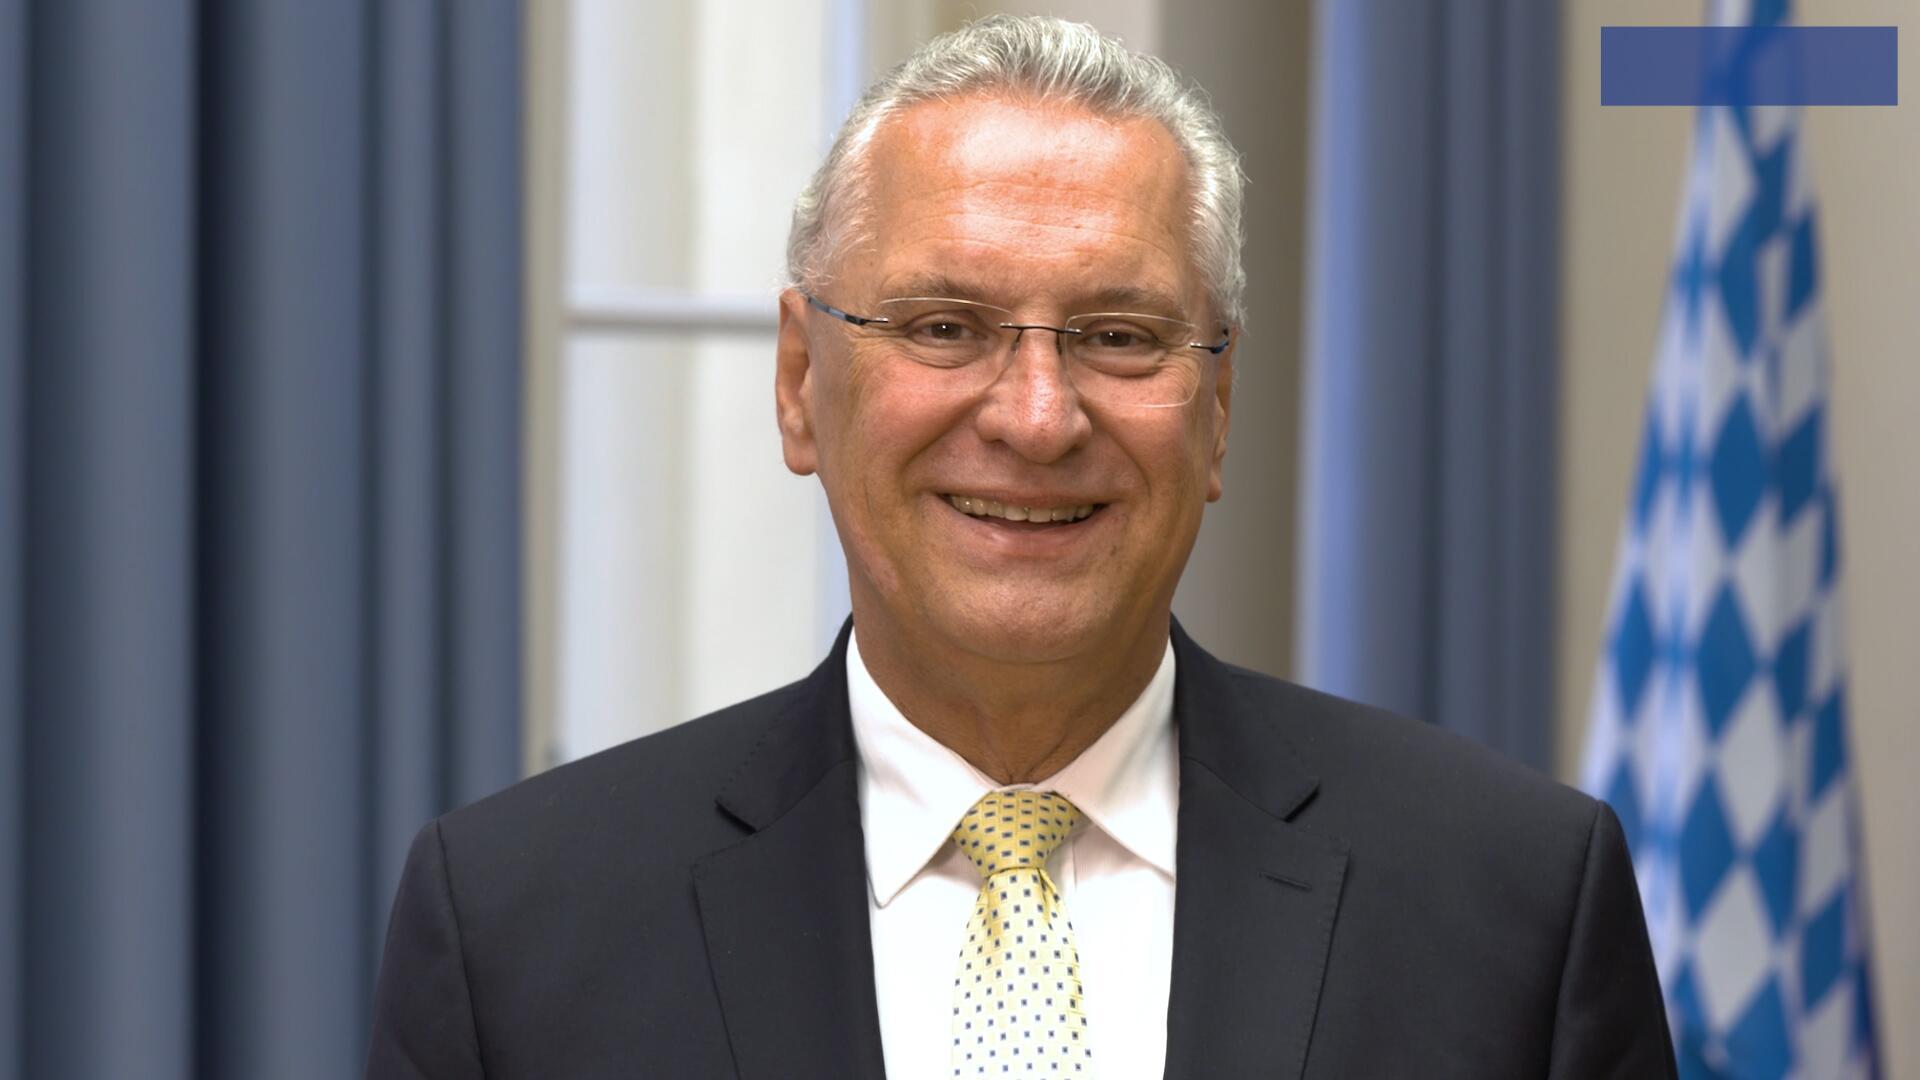 Bild zu Bundestagswahl, Joachim Herrmann, CSU, Bundeskanzler